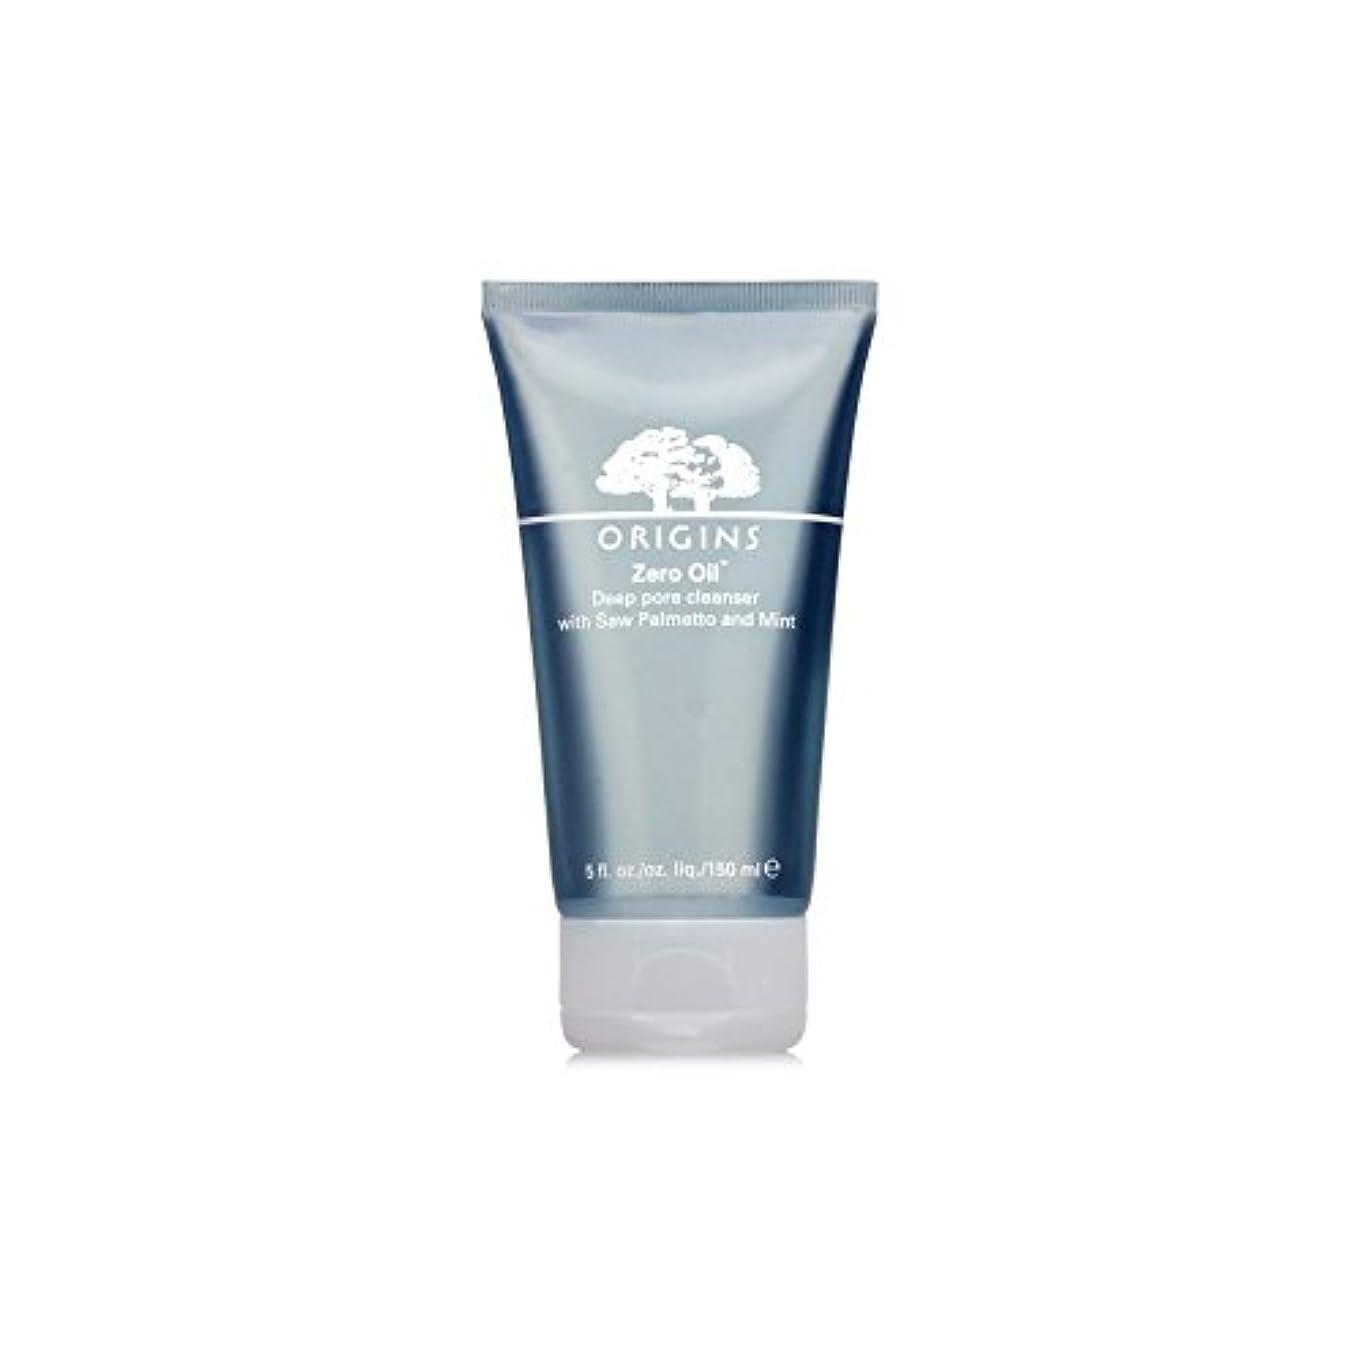 破壊的尋ねるコードレスOrigins Zero Oil Deep Pore Cleanser With Saw Palmetto & Mint 150ml (Pack of 6) - ノコギリヤシ&ミント150ミリリットルとの起源ゼロ油深いポアクレンザー...